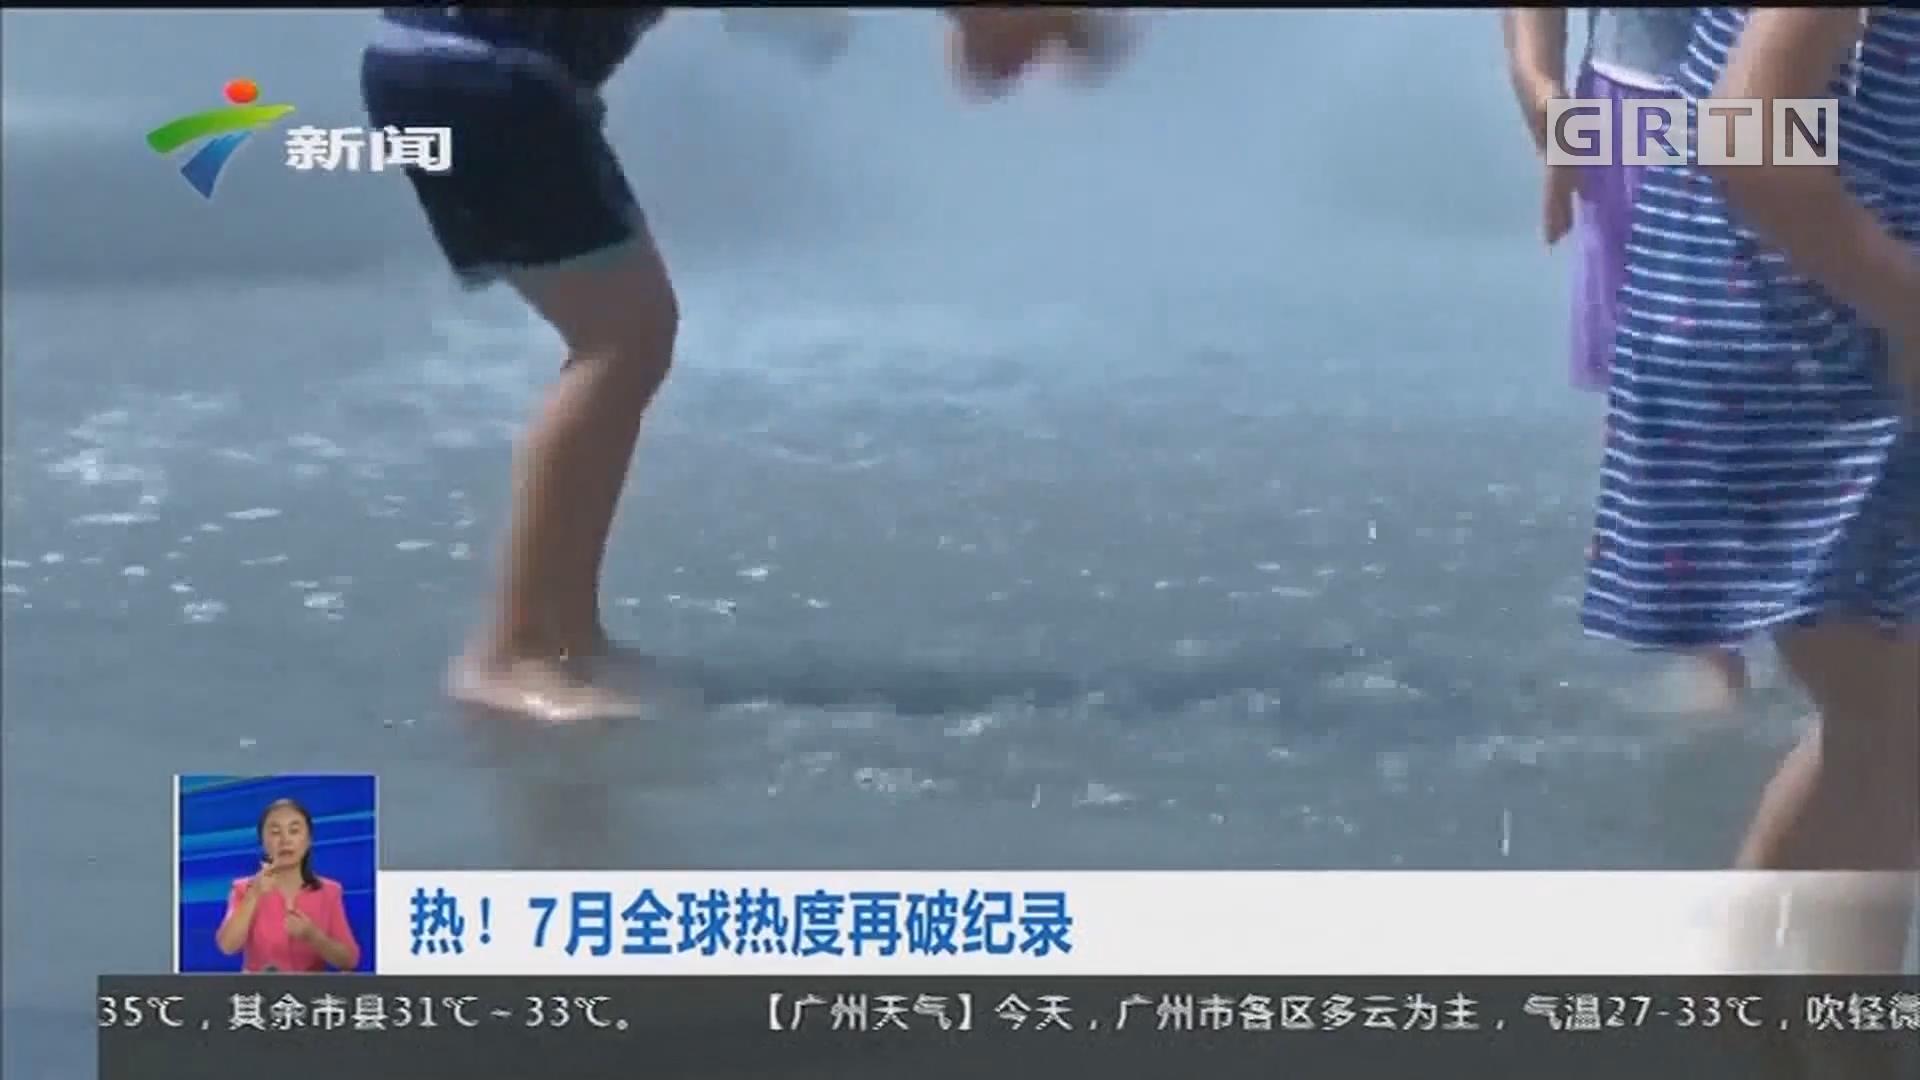 热!7月全球热度再破纪录